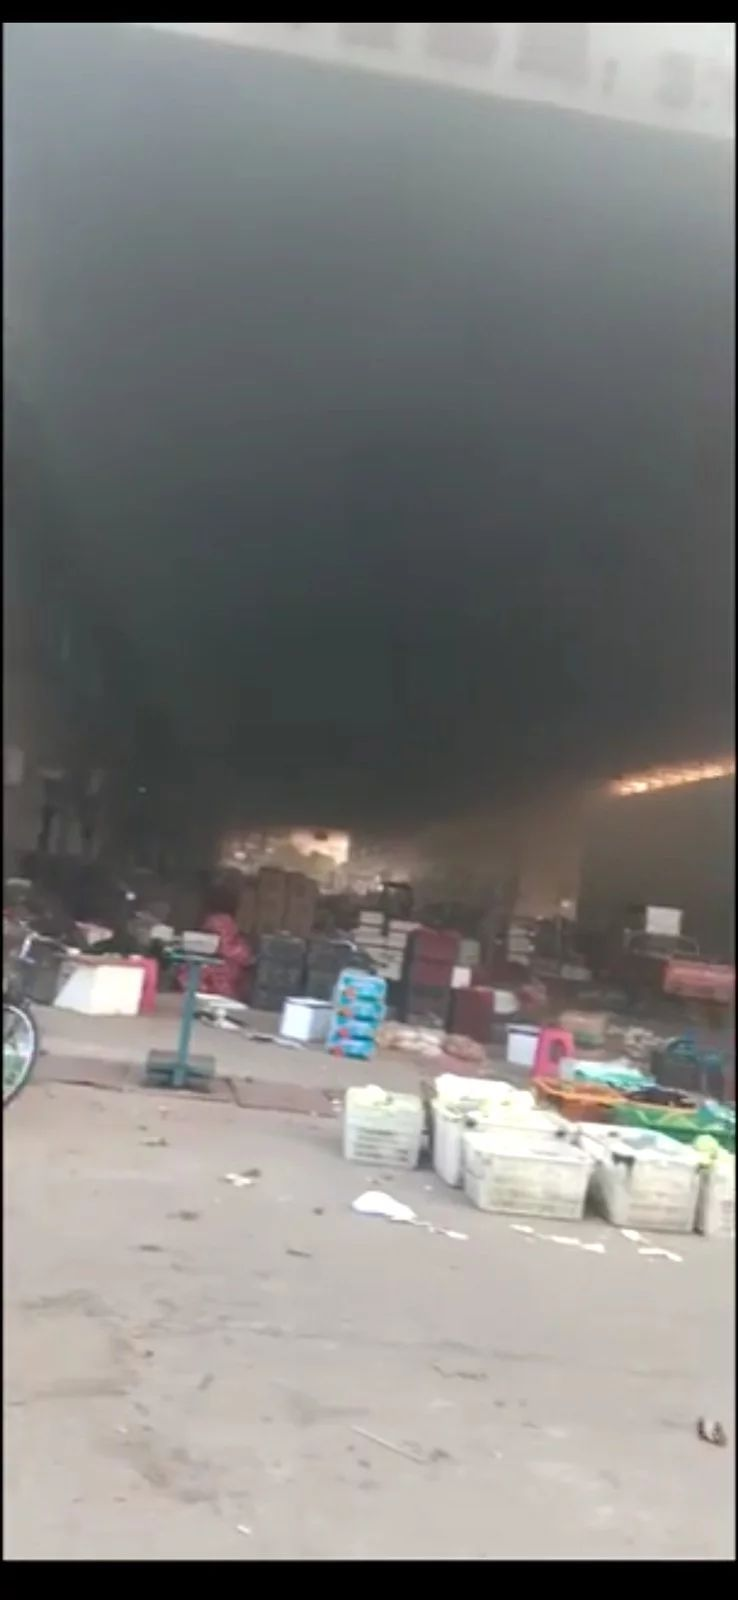 【扩散】大冶蓝天物流园发生火灾